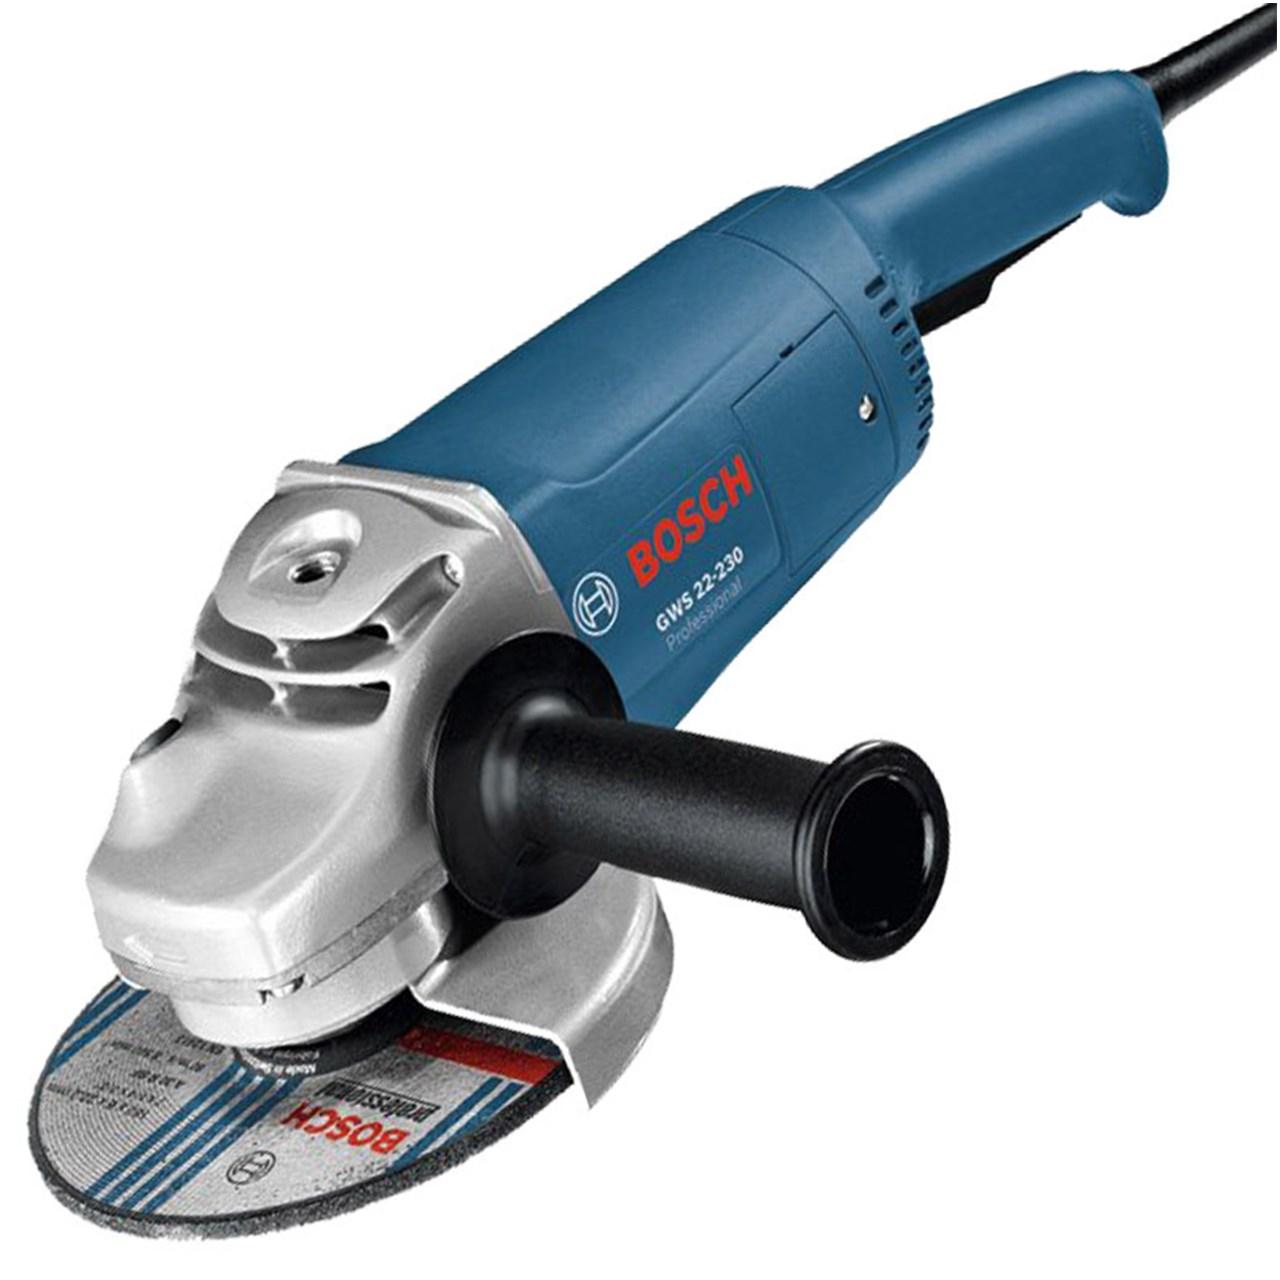 فرز آهنگری بوش مدل GWS2000-230